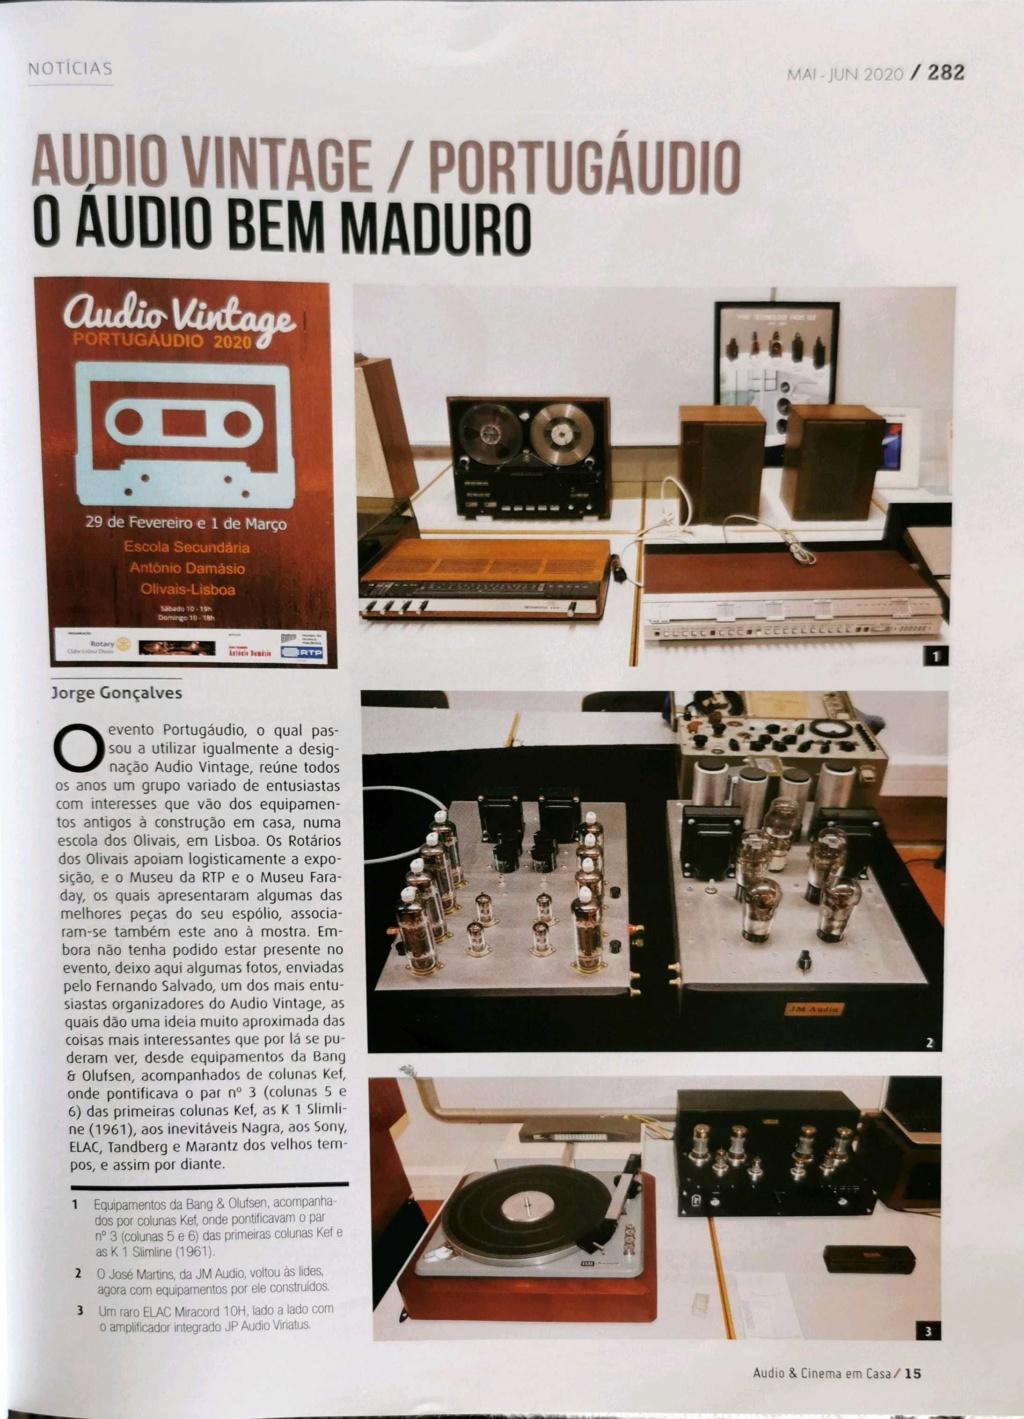 Audio Vintage / Portugaudio 2020 - 3.ª Edição. - Página 3 Aap1_010